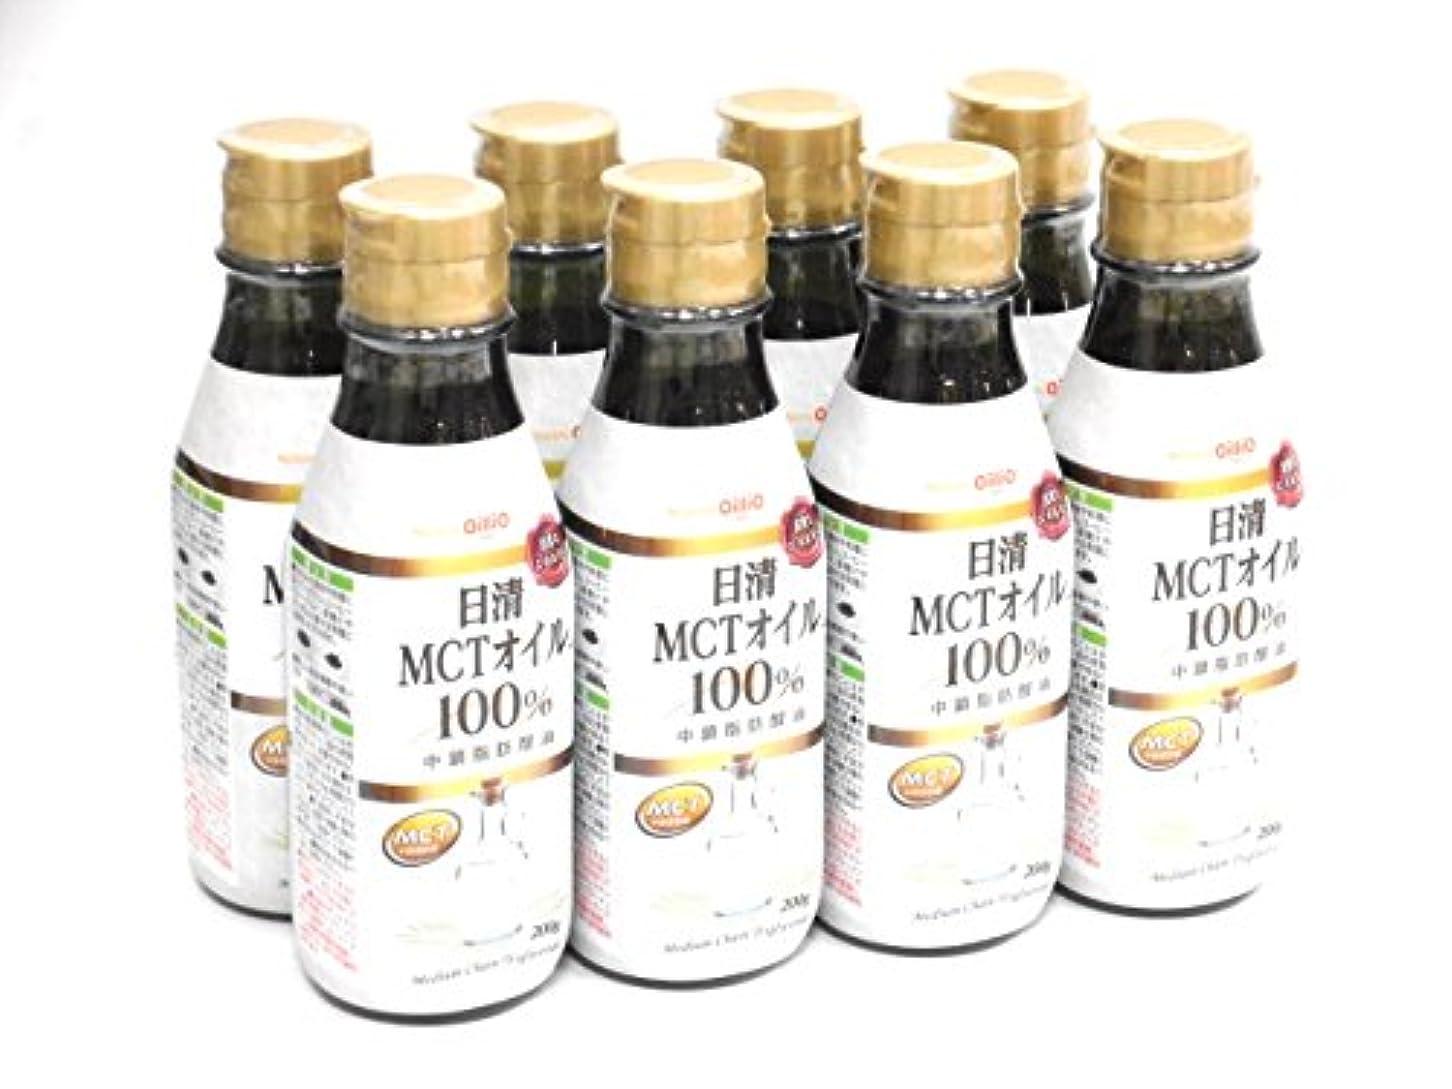 マチュピチュ硫黄ヒップ日清MCTオイル 200g×8本(1ケース)